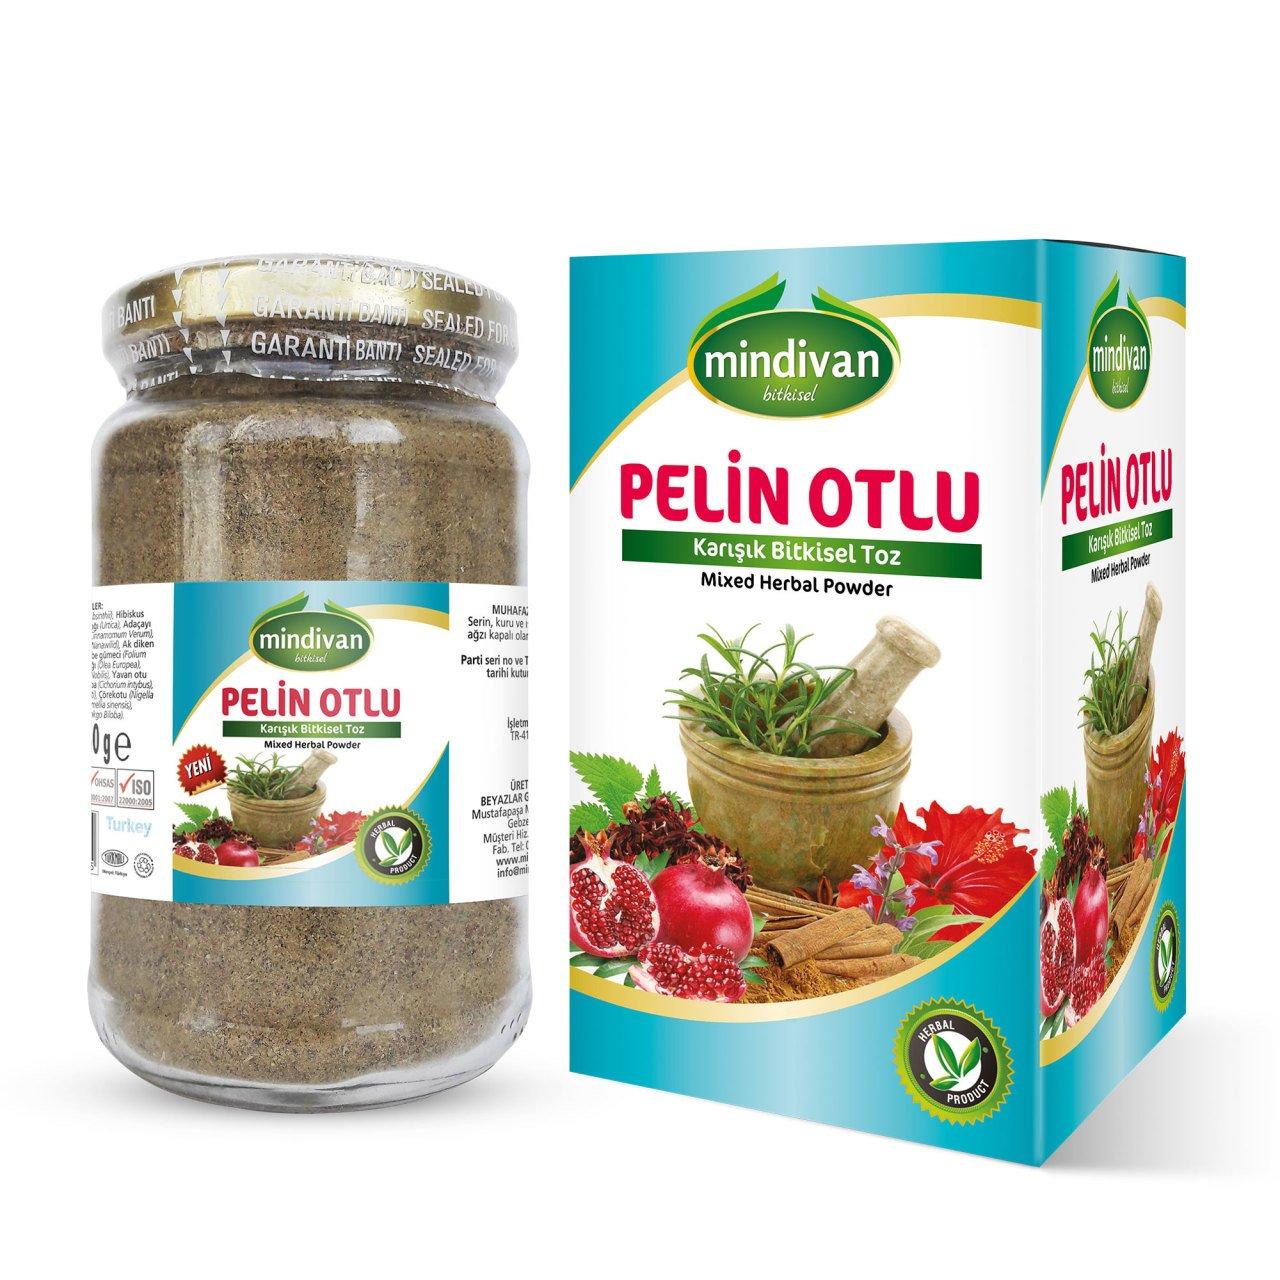 Mindivan Pelin Otlu Karışımlı Toz 150 gr ürünü